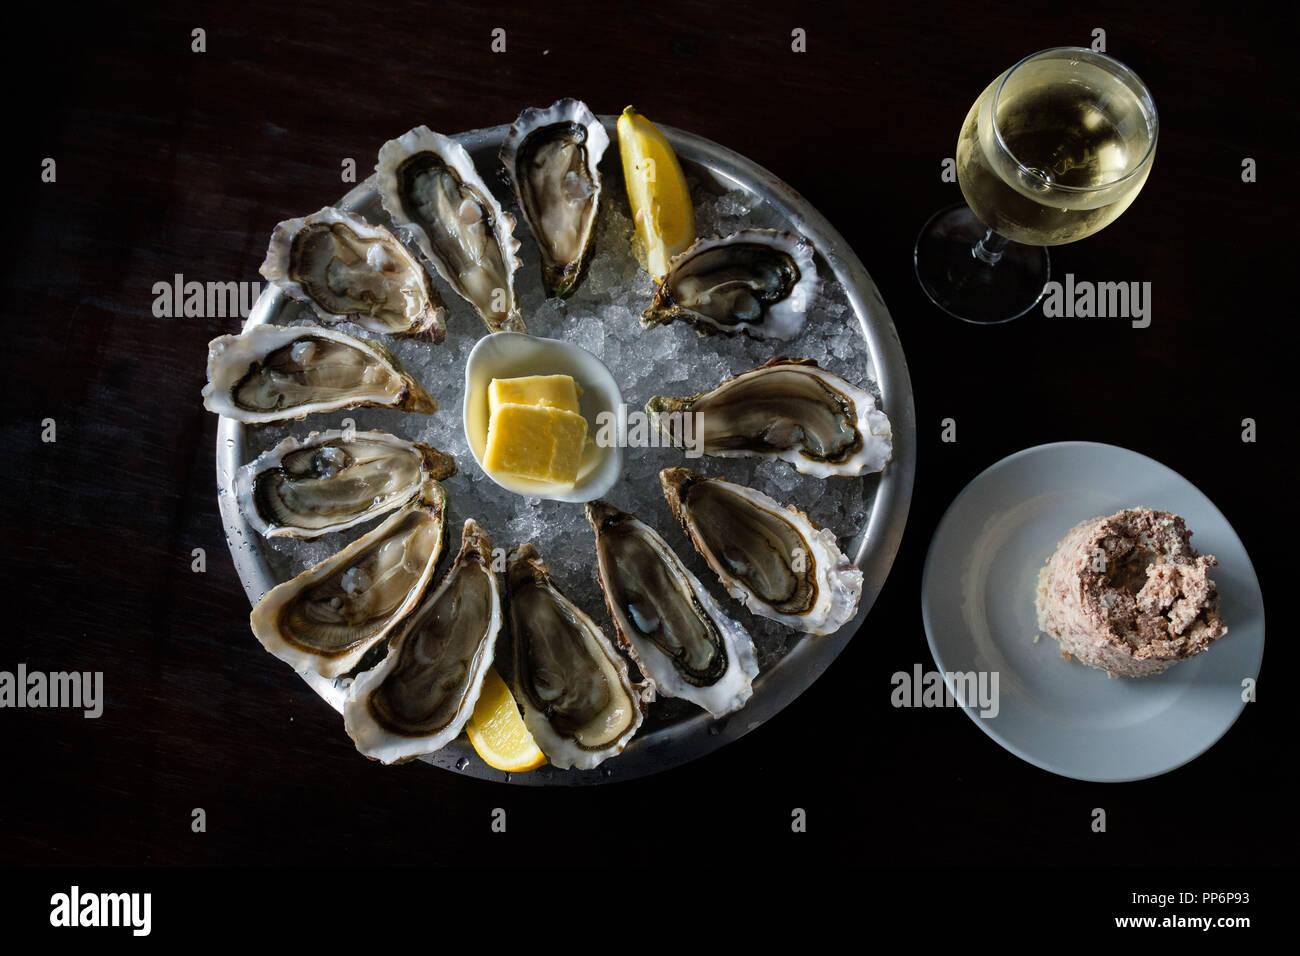 Une assiette d'huîtres du bassin d'Arcachon. Les huîtres sur un lit de glace au citron, beurre, un verre de vin et quelques pate Photo Stock